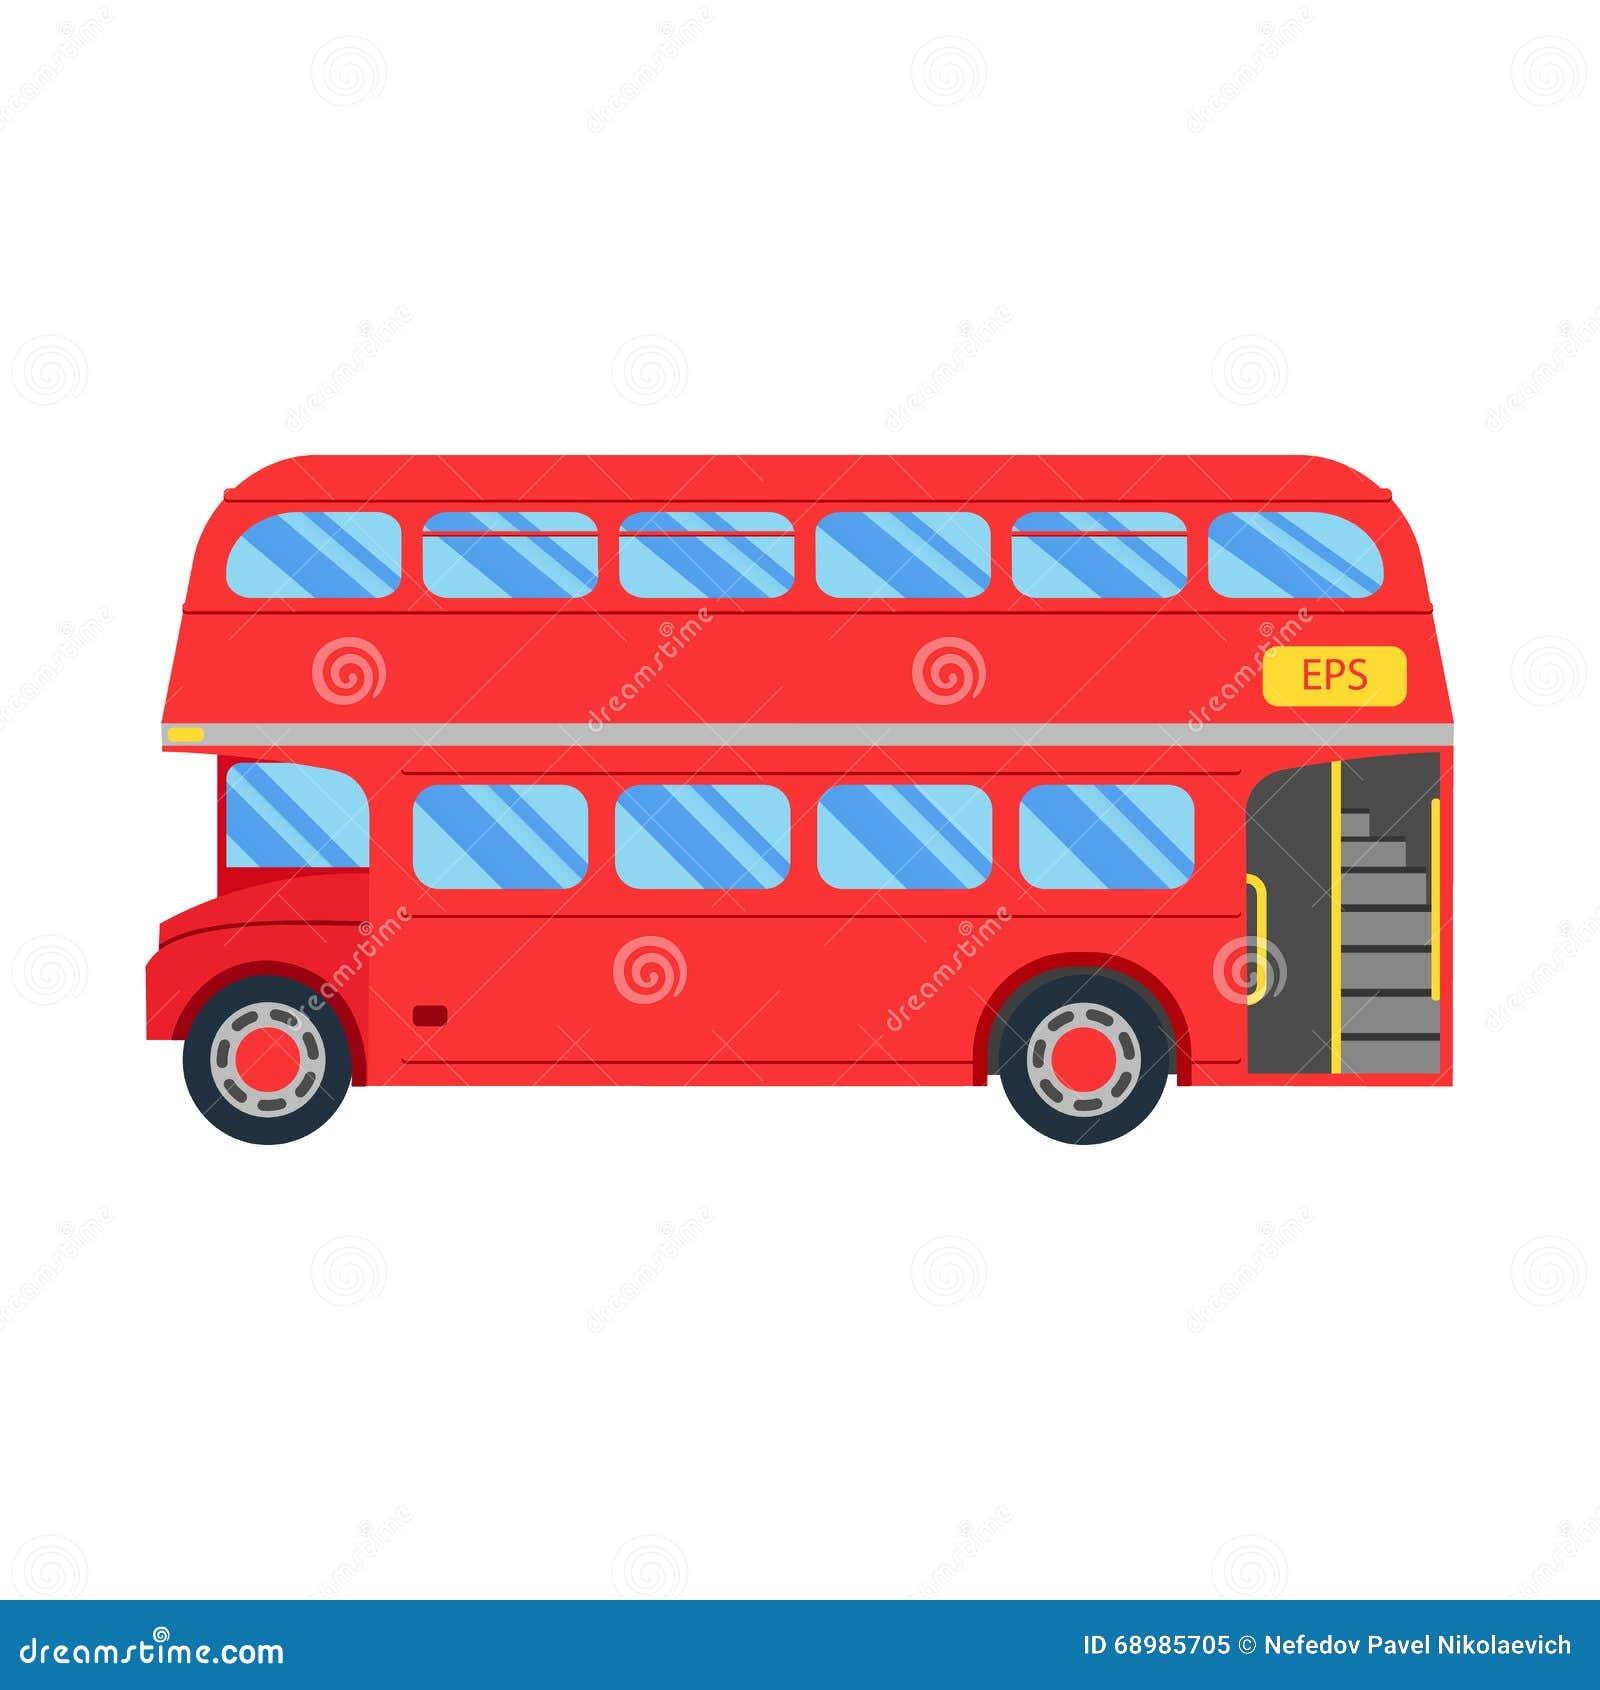 Ejemplo rojo del autobús del autobús de dos pisos, diseño plano Autobús retro del vehículo del servicio de transporte público de